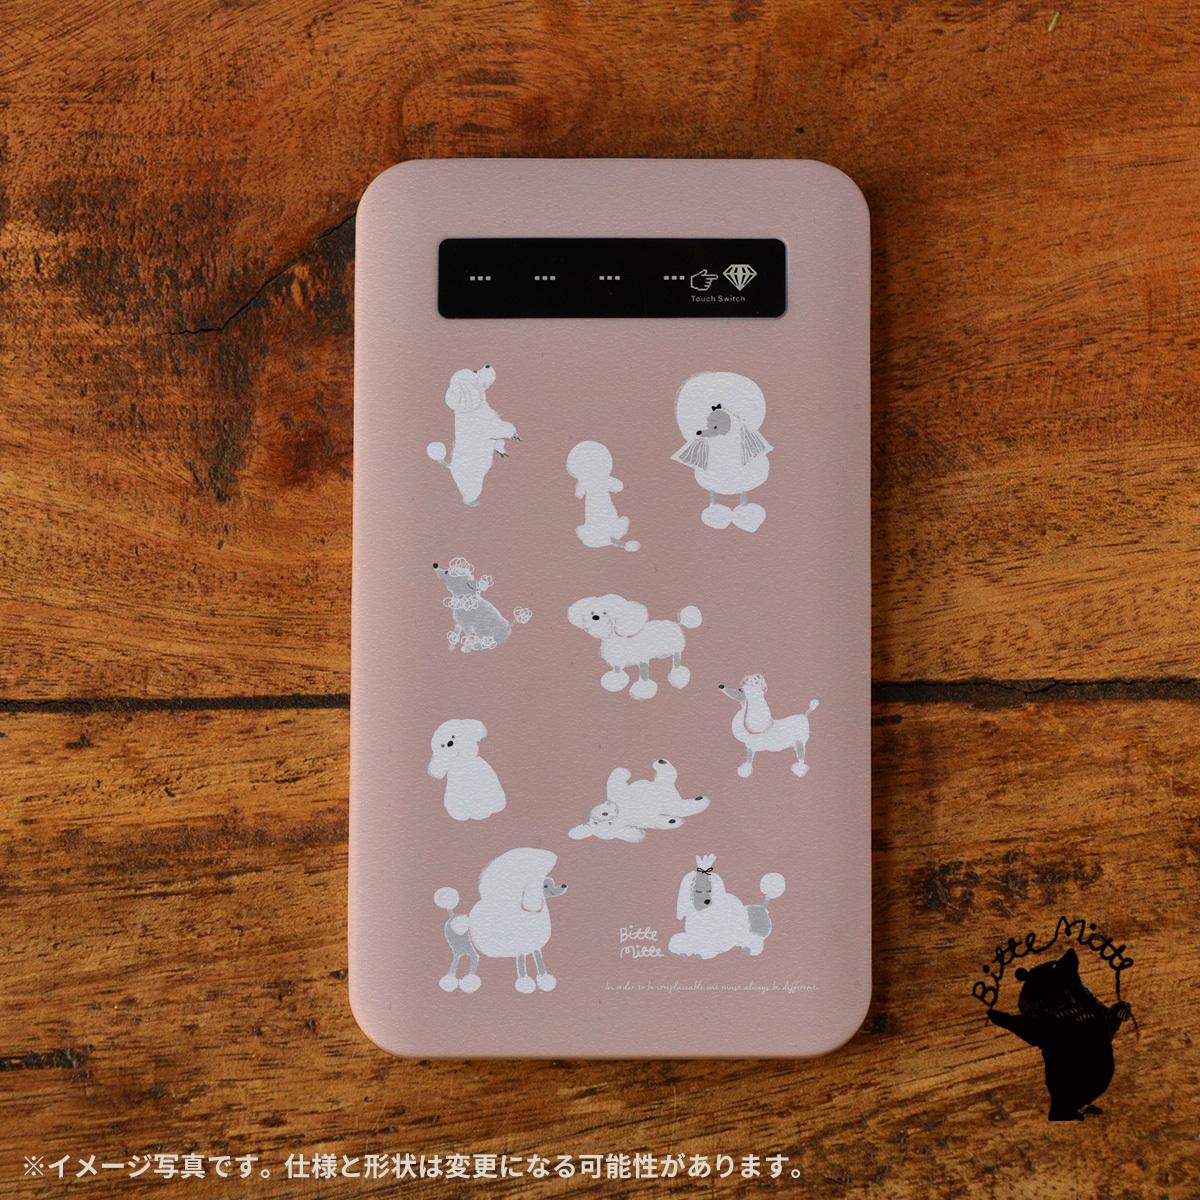 iphone モバイルバッテリー かわいい スマホ 充電器 持ち運び モバイルバッテリー 可愛い iphone 携帯充電器 アンドロイド かわいい イヌ 犬 いぬ プードル/Bitte Mitte!